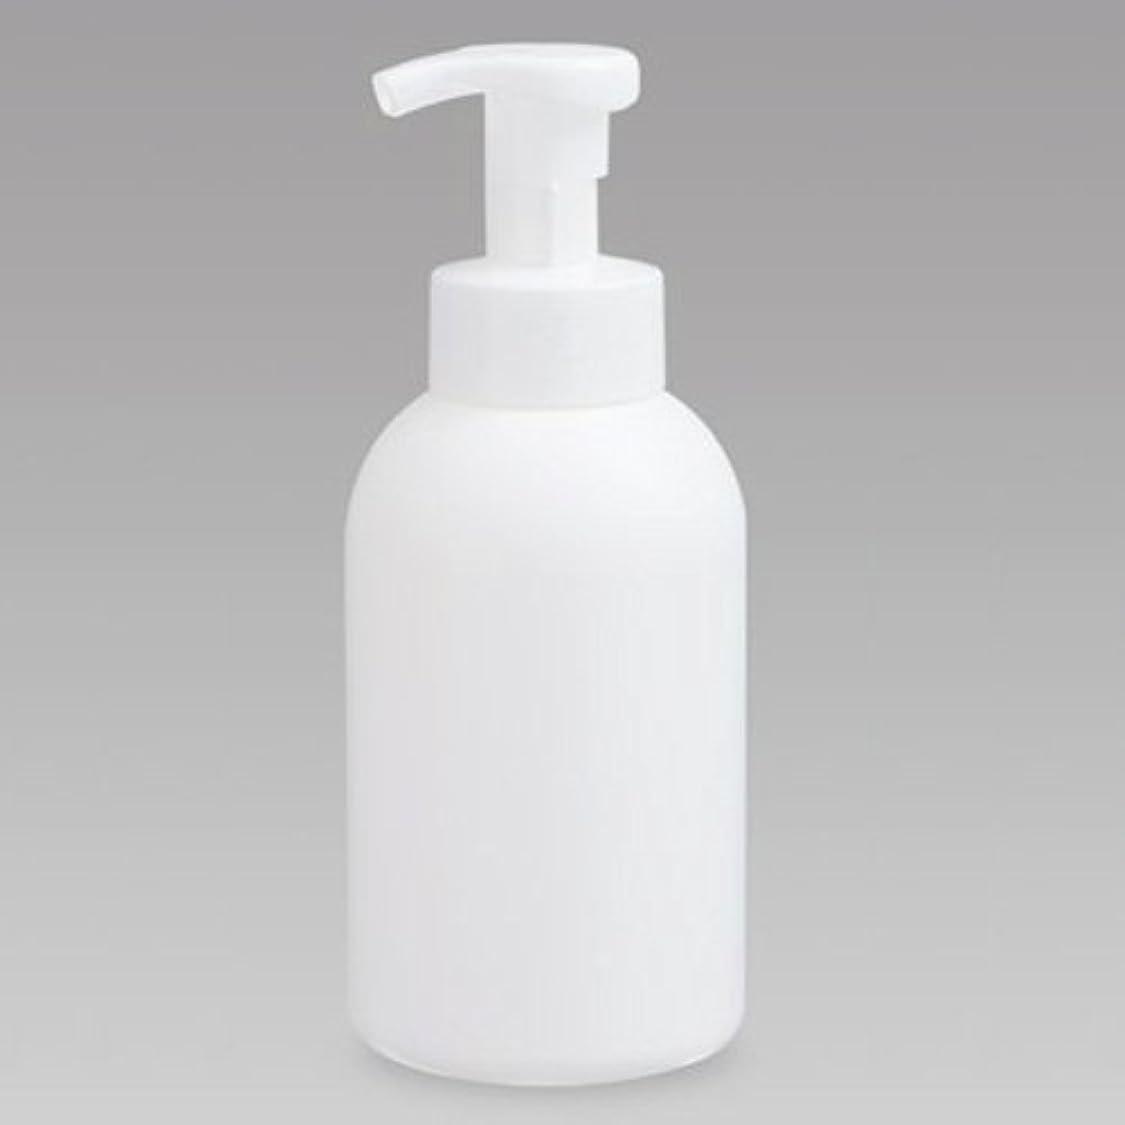 残基品修理可能泡ボトル 泡ポンプボトル 500mL(PE) ホワイト 詰め替え 詰替 泡ハンドソープ 全身石鹸 ボディソープ 洗顔フォーム